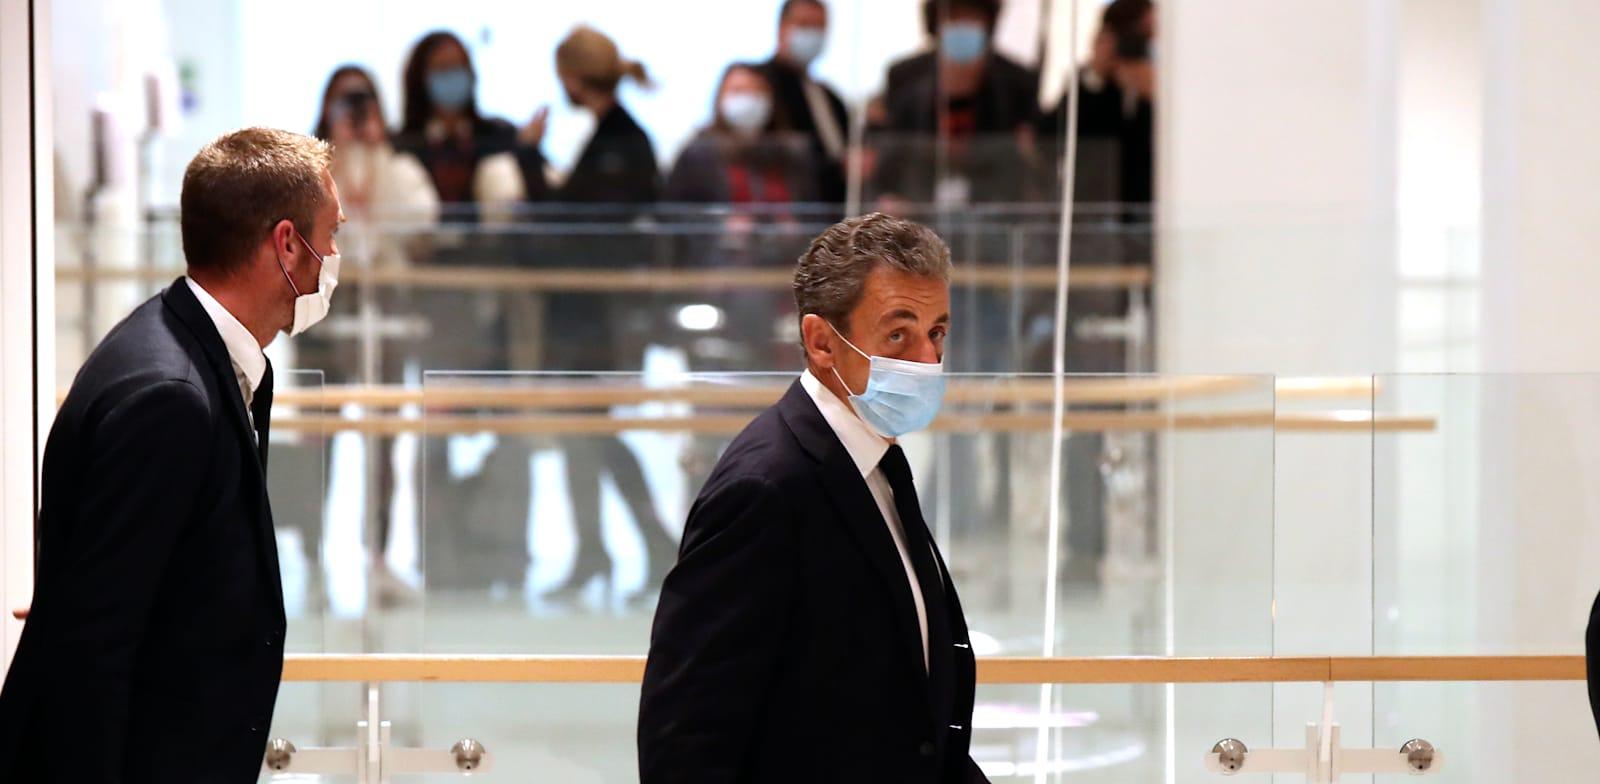 נשיא צרפת לשעבר ניקולא סרקוזי עוזב את בית המשפט / צילום: Associated Press, Michel Euler